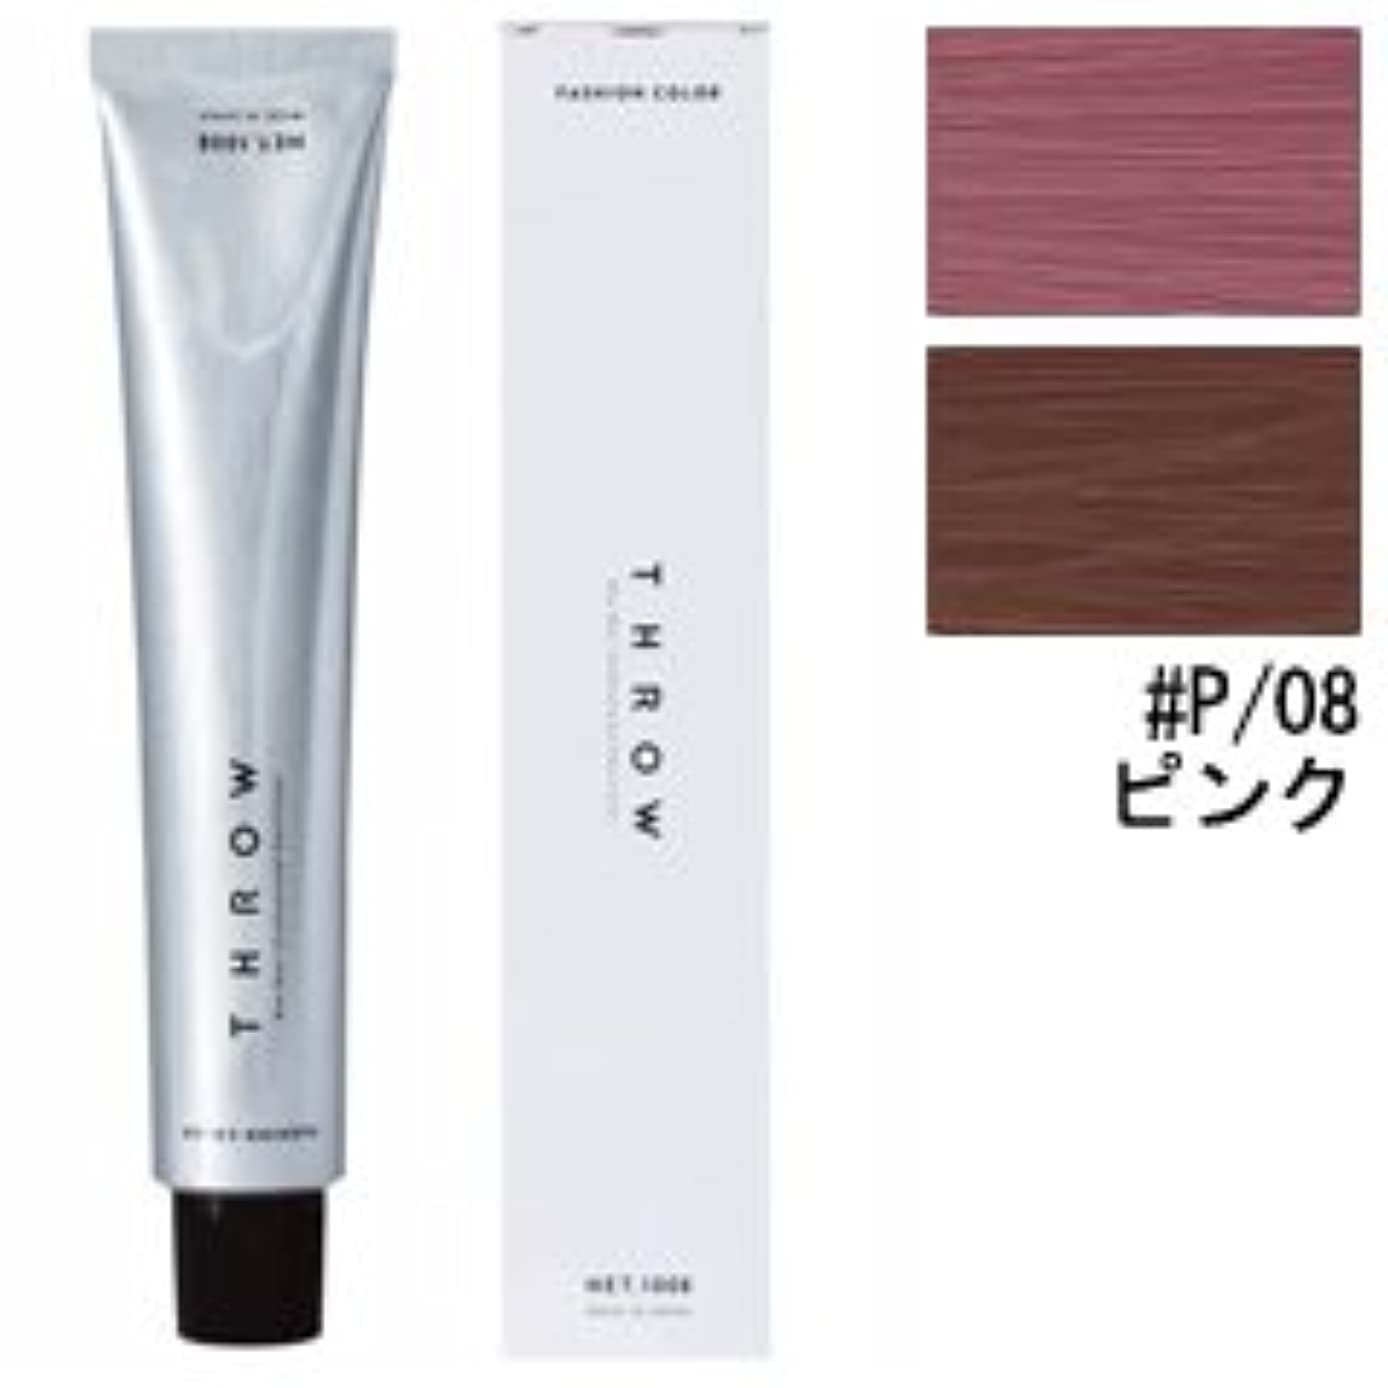 教同盟スポット【モルトベーネ】スロウ ファッションカラー #P/08 ピンク 100g